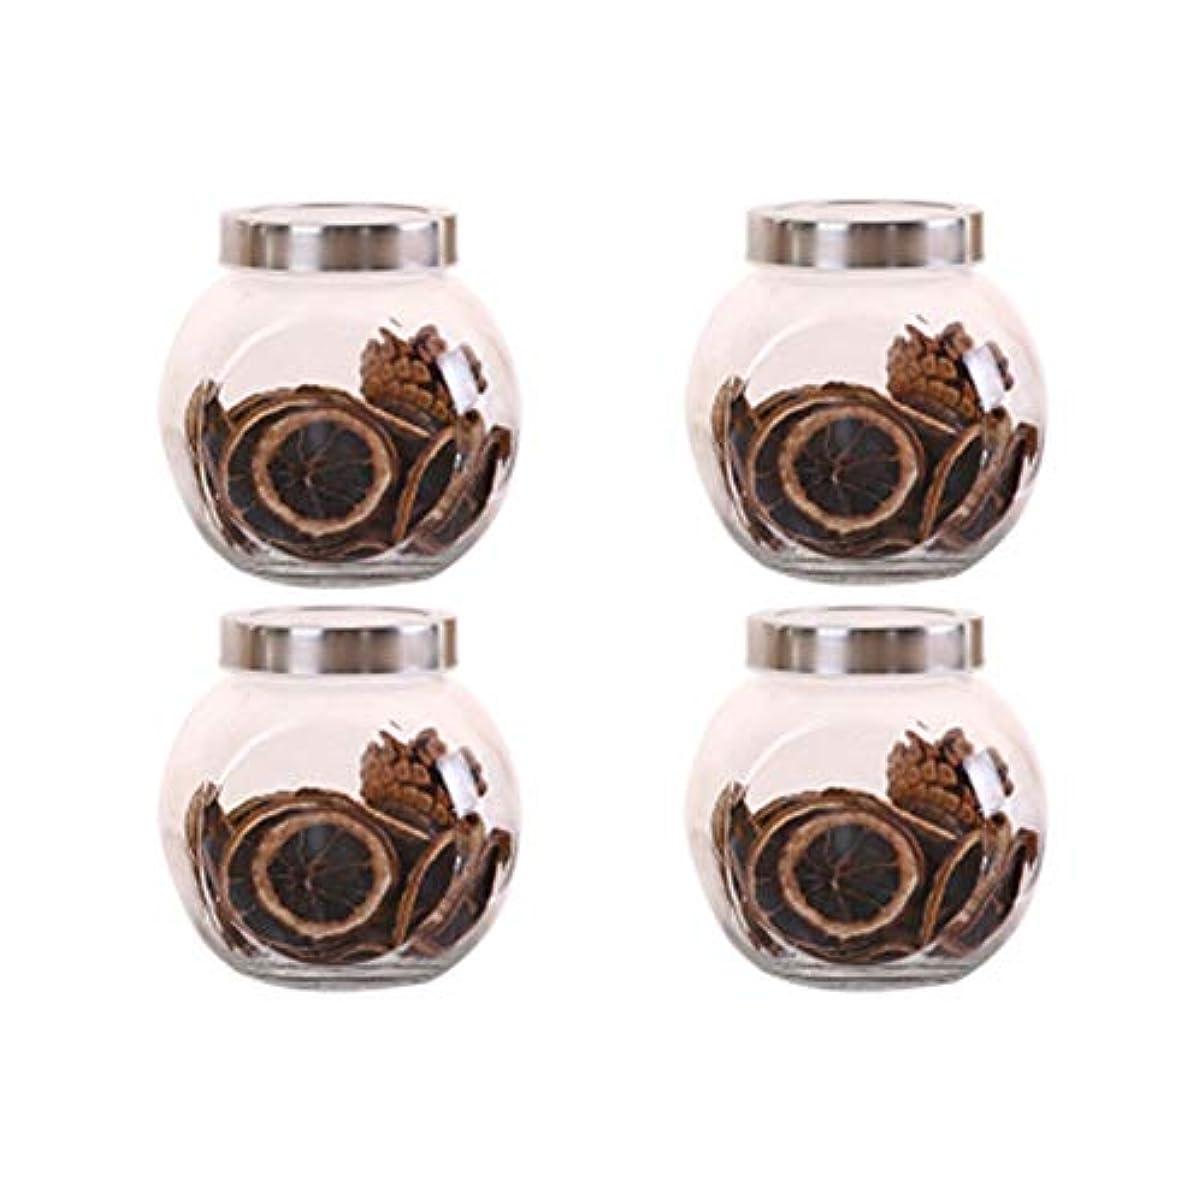 本土言語関連する4つの鉛フリーガラスドライフルーツシール保湿ストレージジャーのストレージジャーパック(4パック)